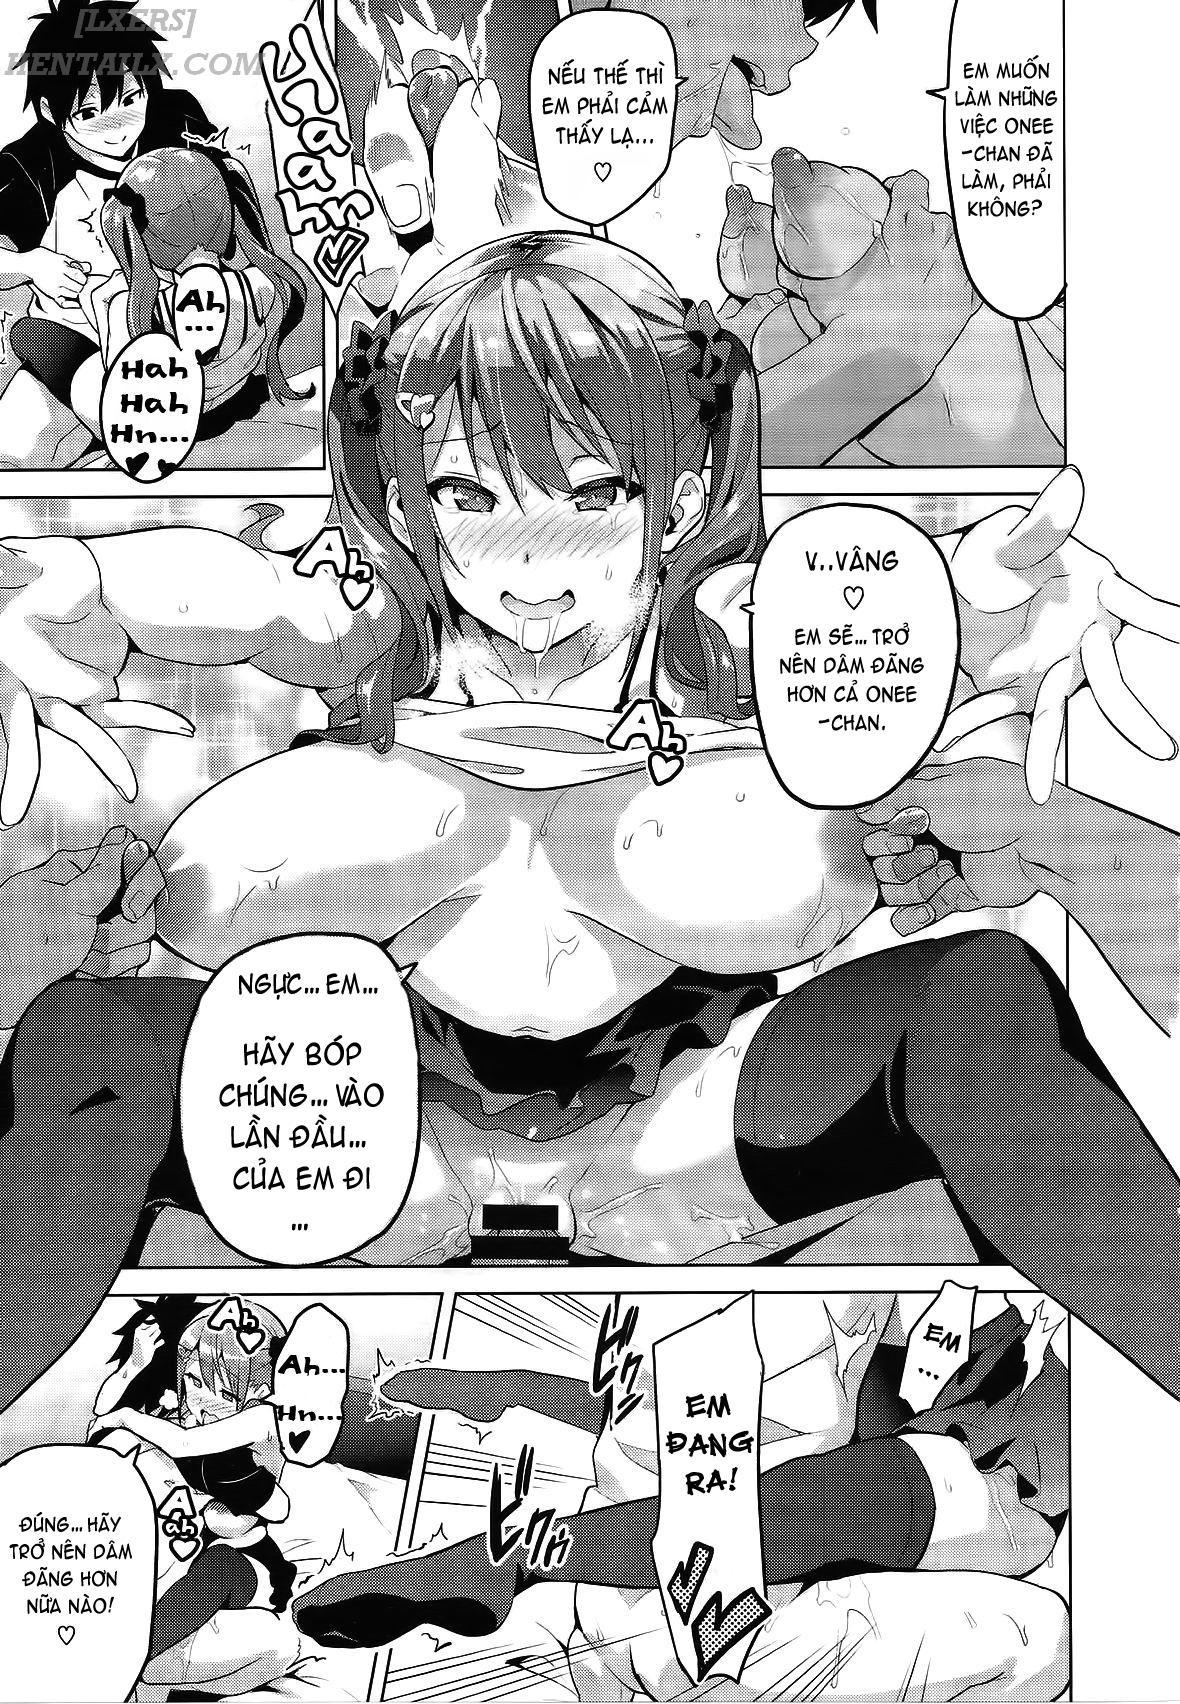 Hình ảnh 051 in Chapter 2